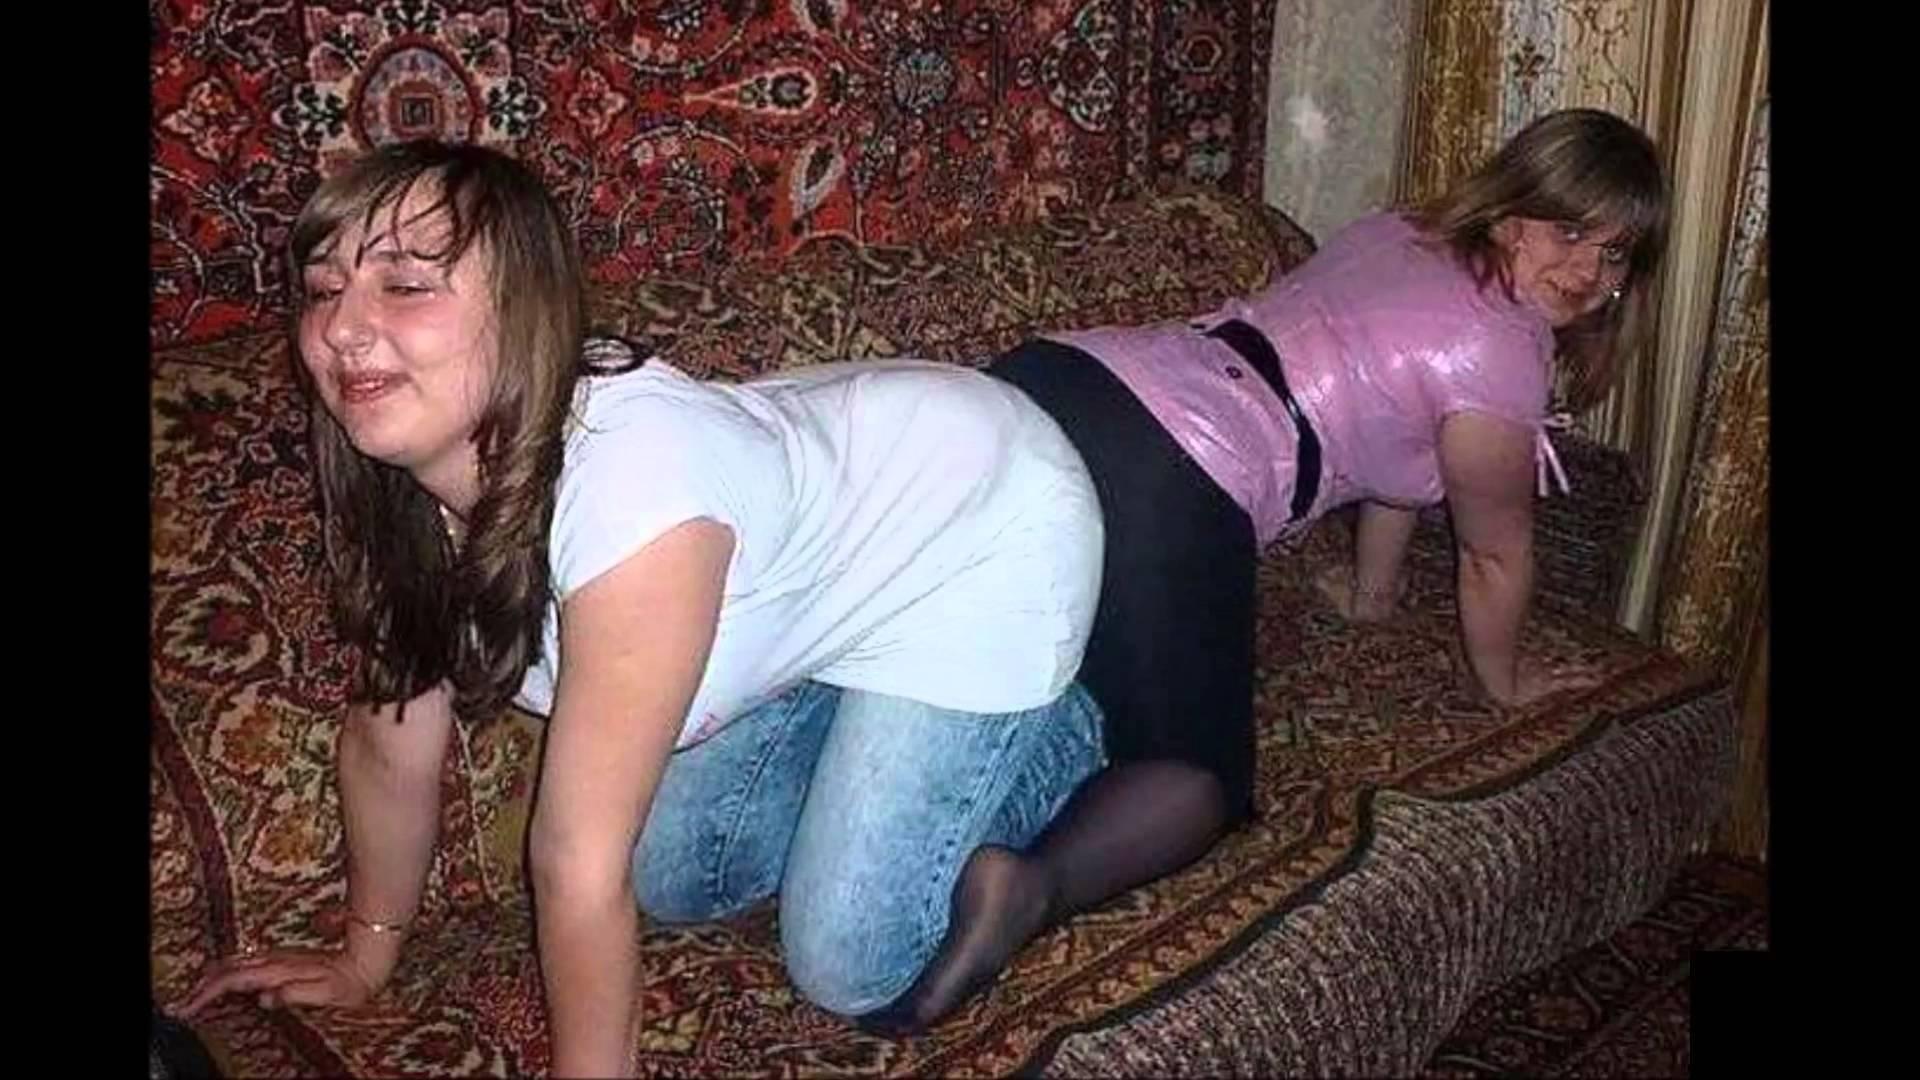 Смотреть в онлайн русское домашний секс, Русское домашние порно онлайн бесплатно 2 фотография